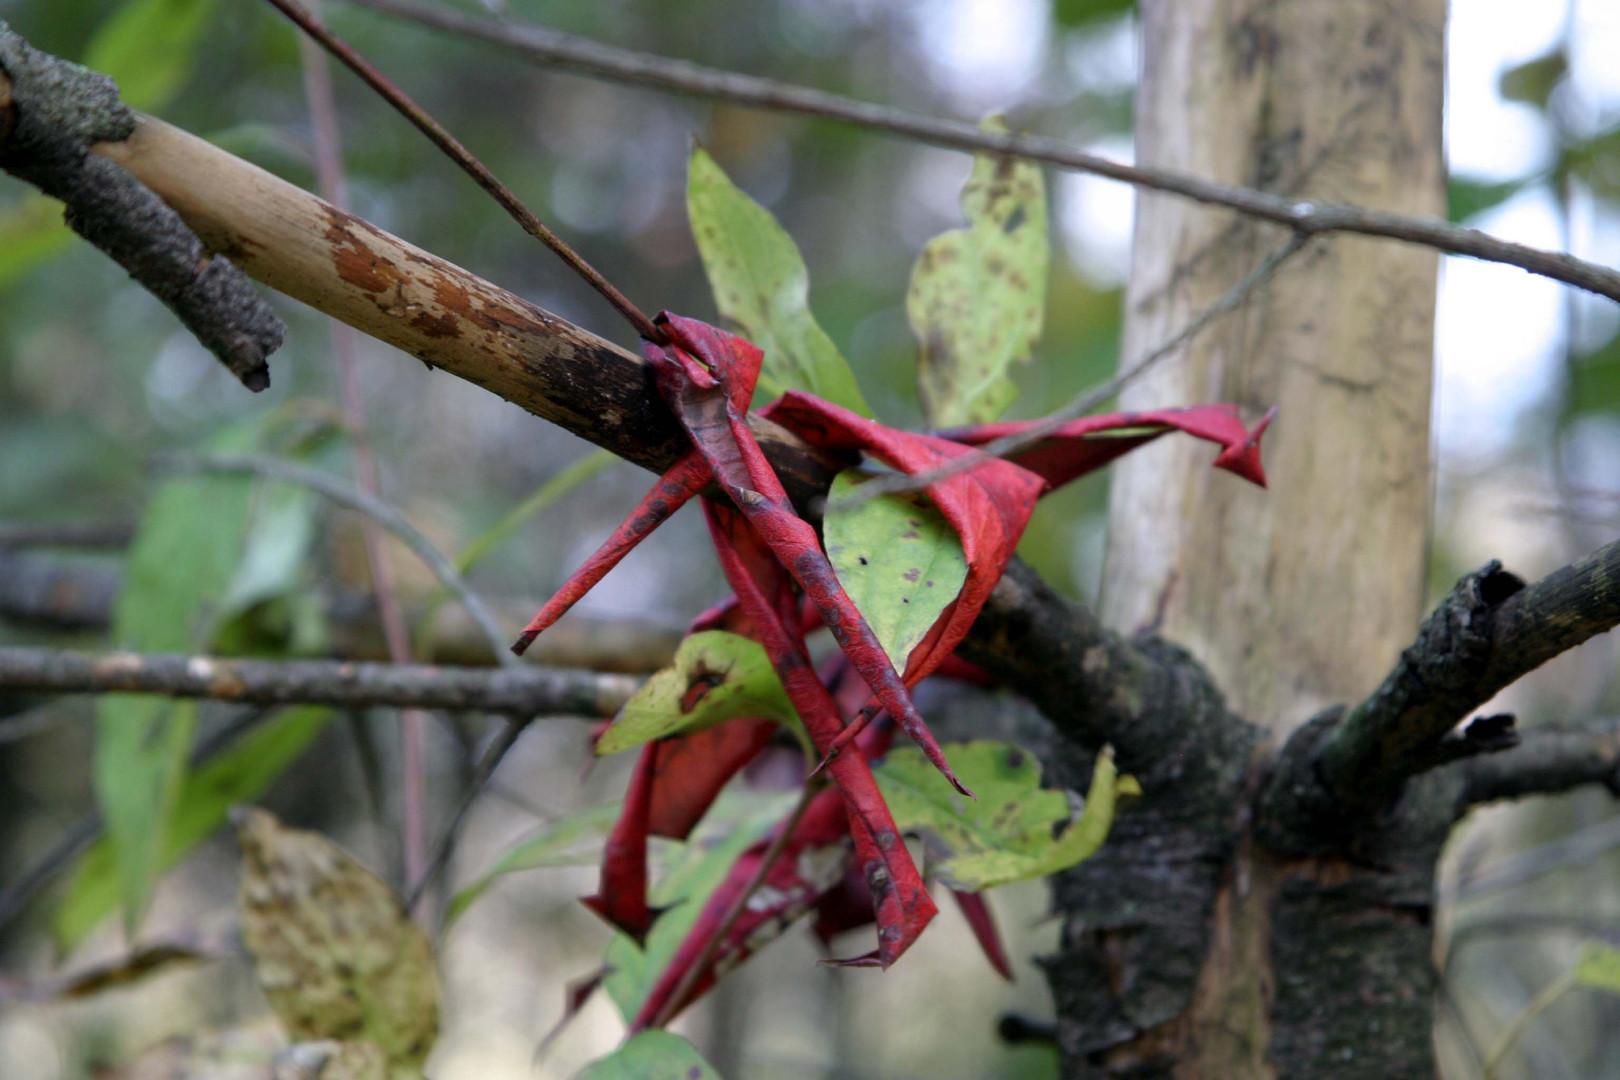 Curled red leaves on branch Gov Dodge SP